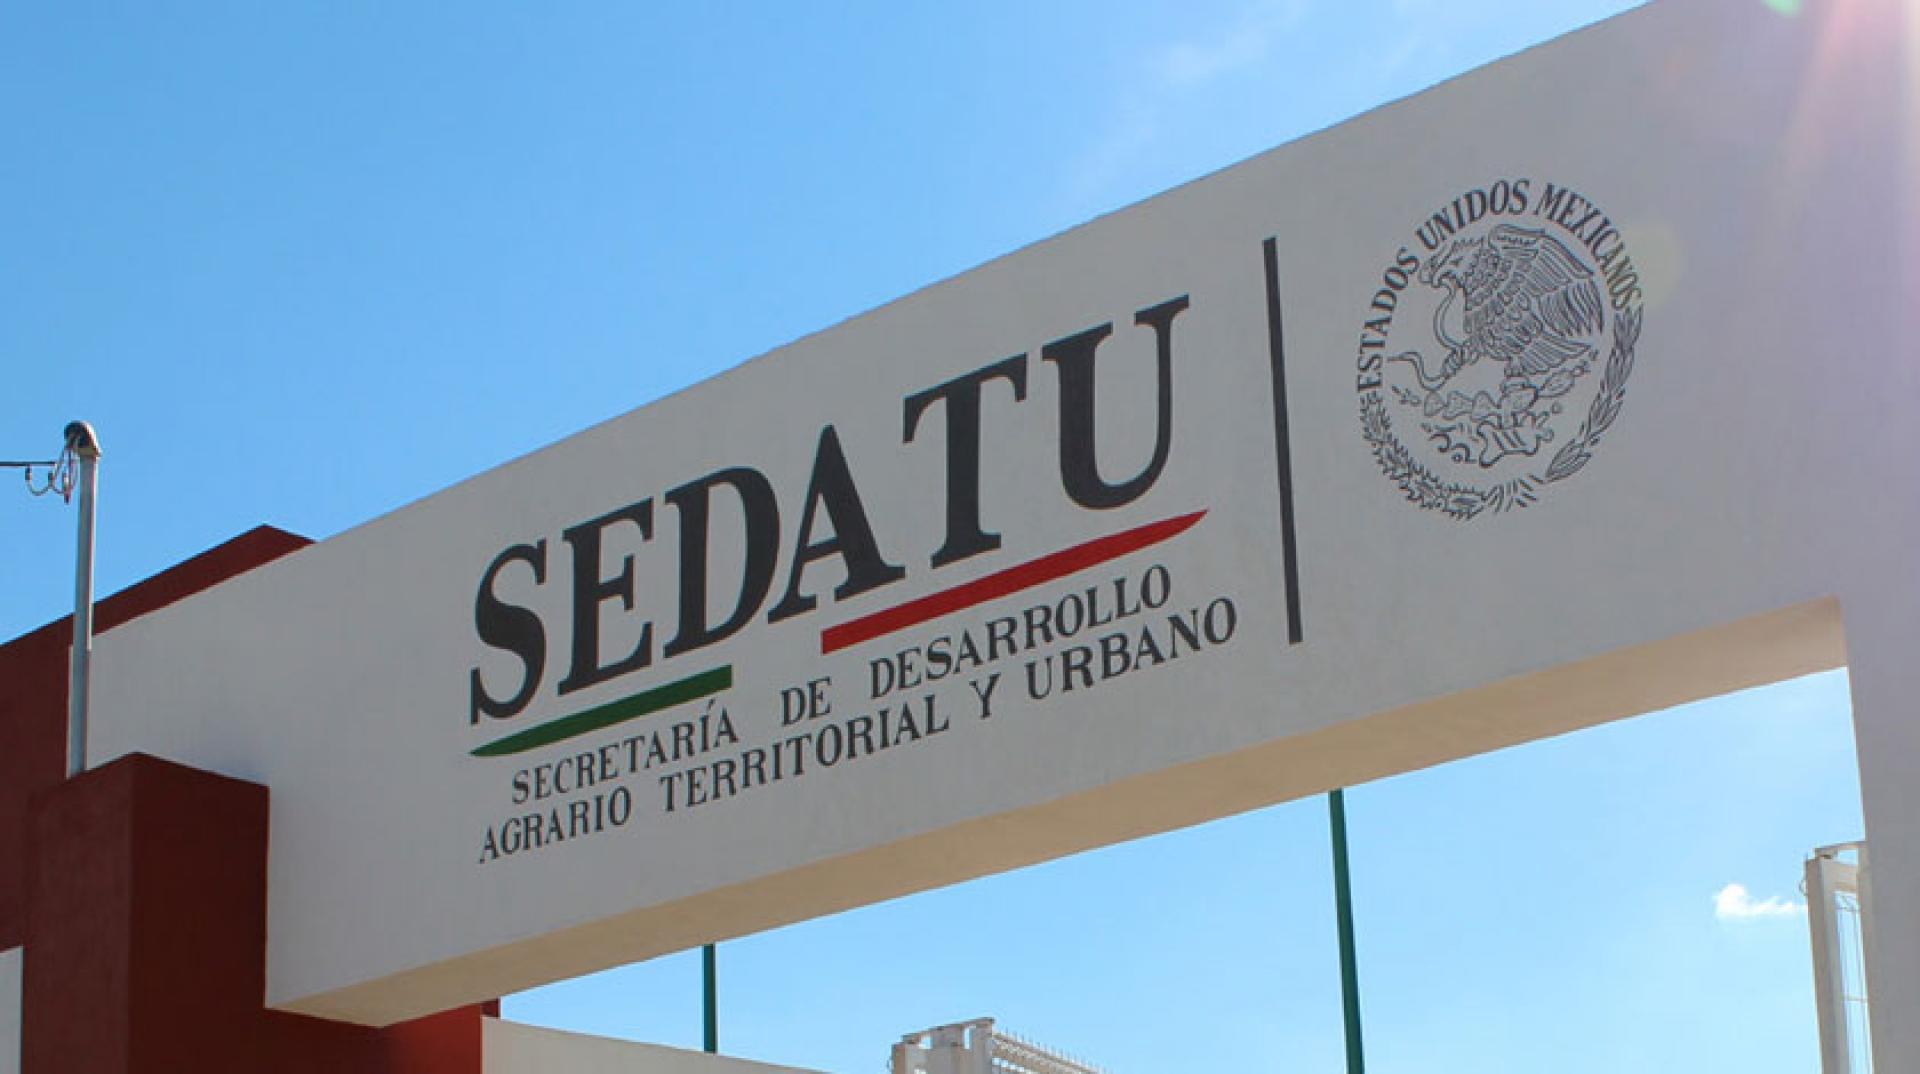 Proyectos fallidos: recuento de las obras frenadas y pospuestas de la Sedatu en Puebla